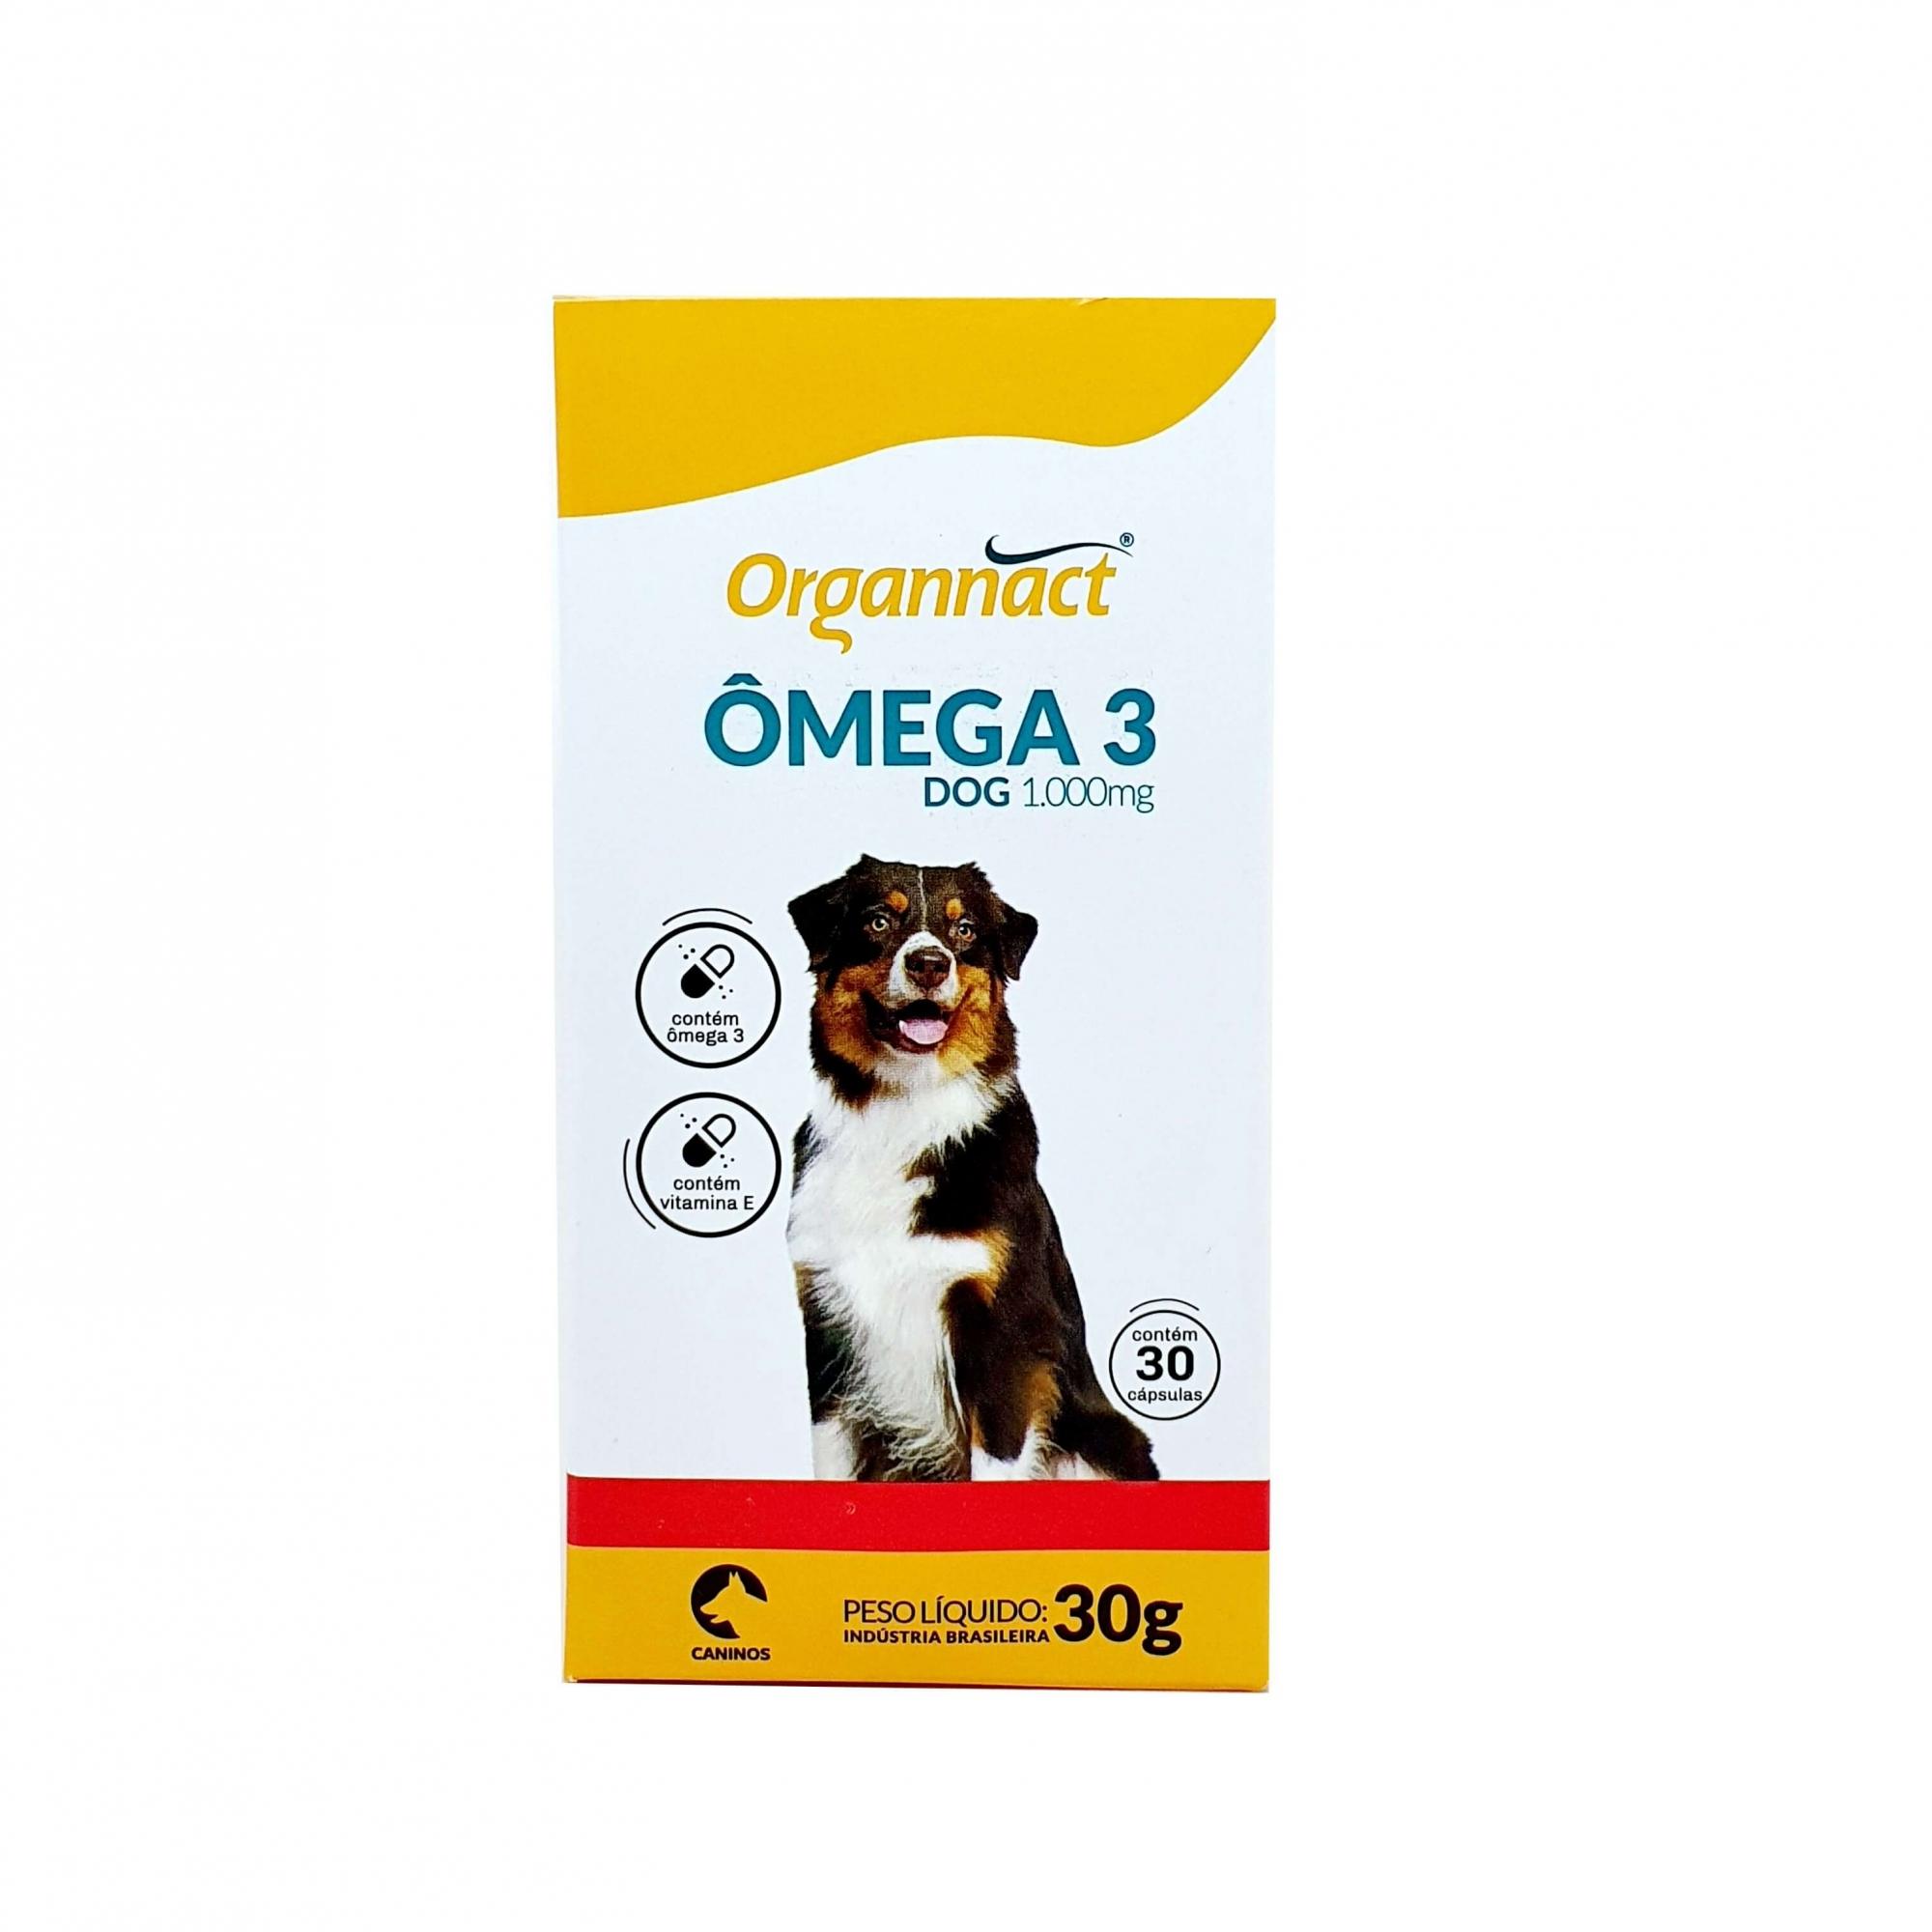 Suplemento Alimentar Ômega 3 Dog 1000 Organnact 30 Cápsulas